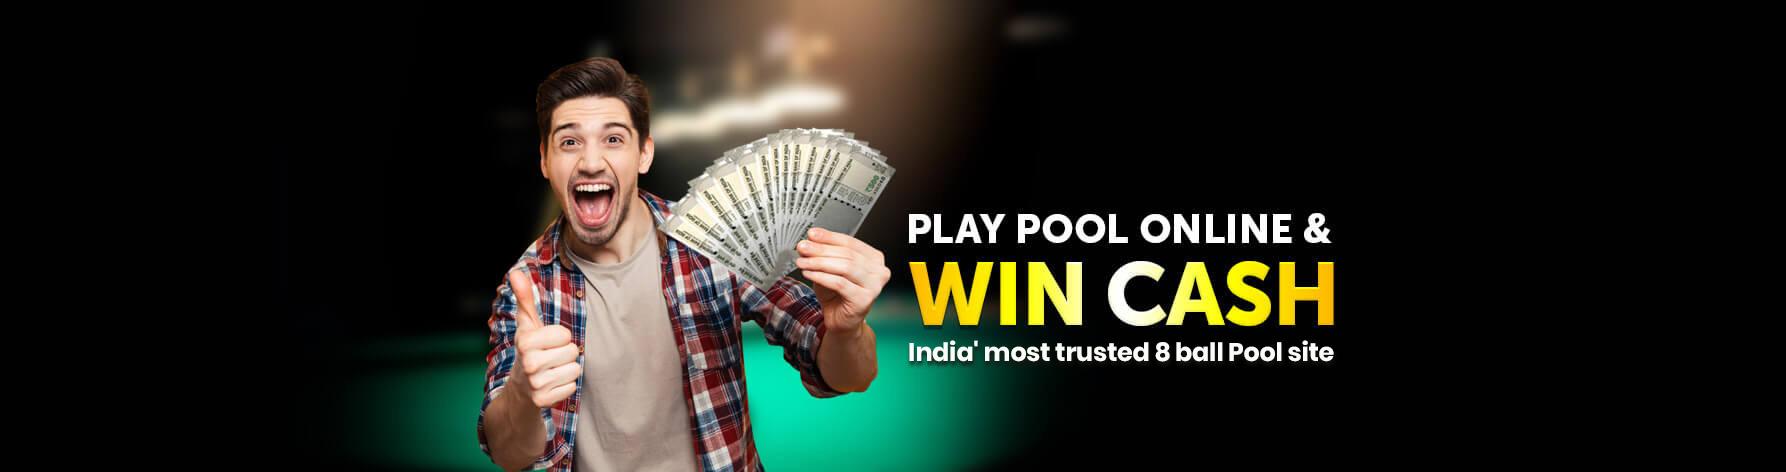 play pool King online